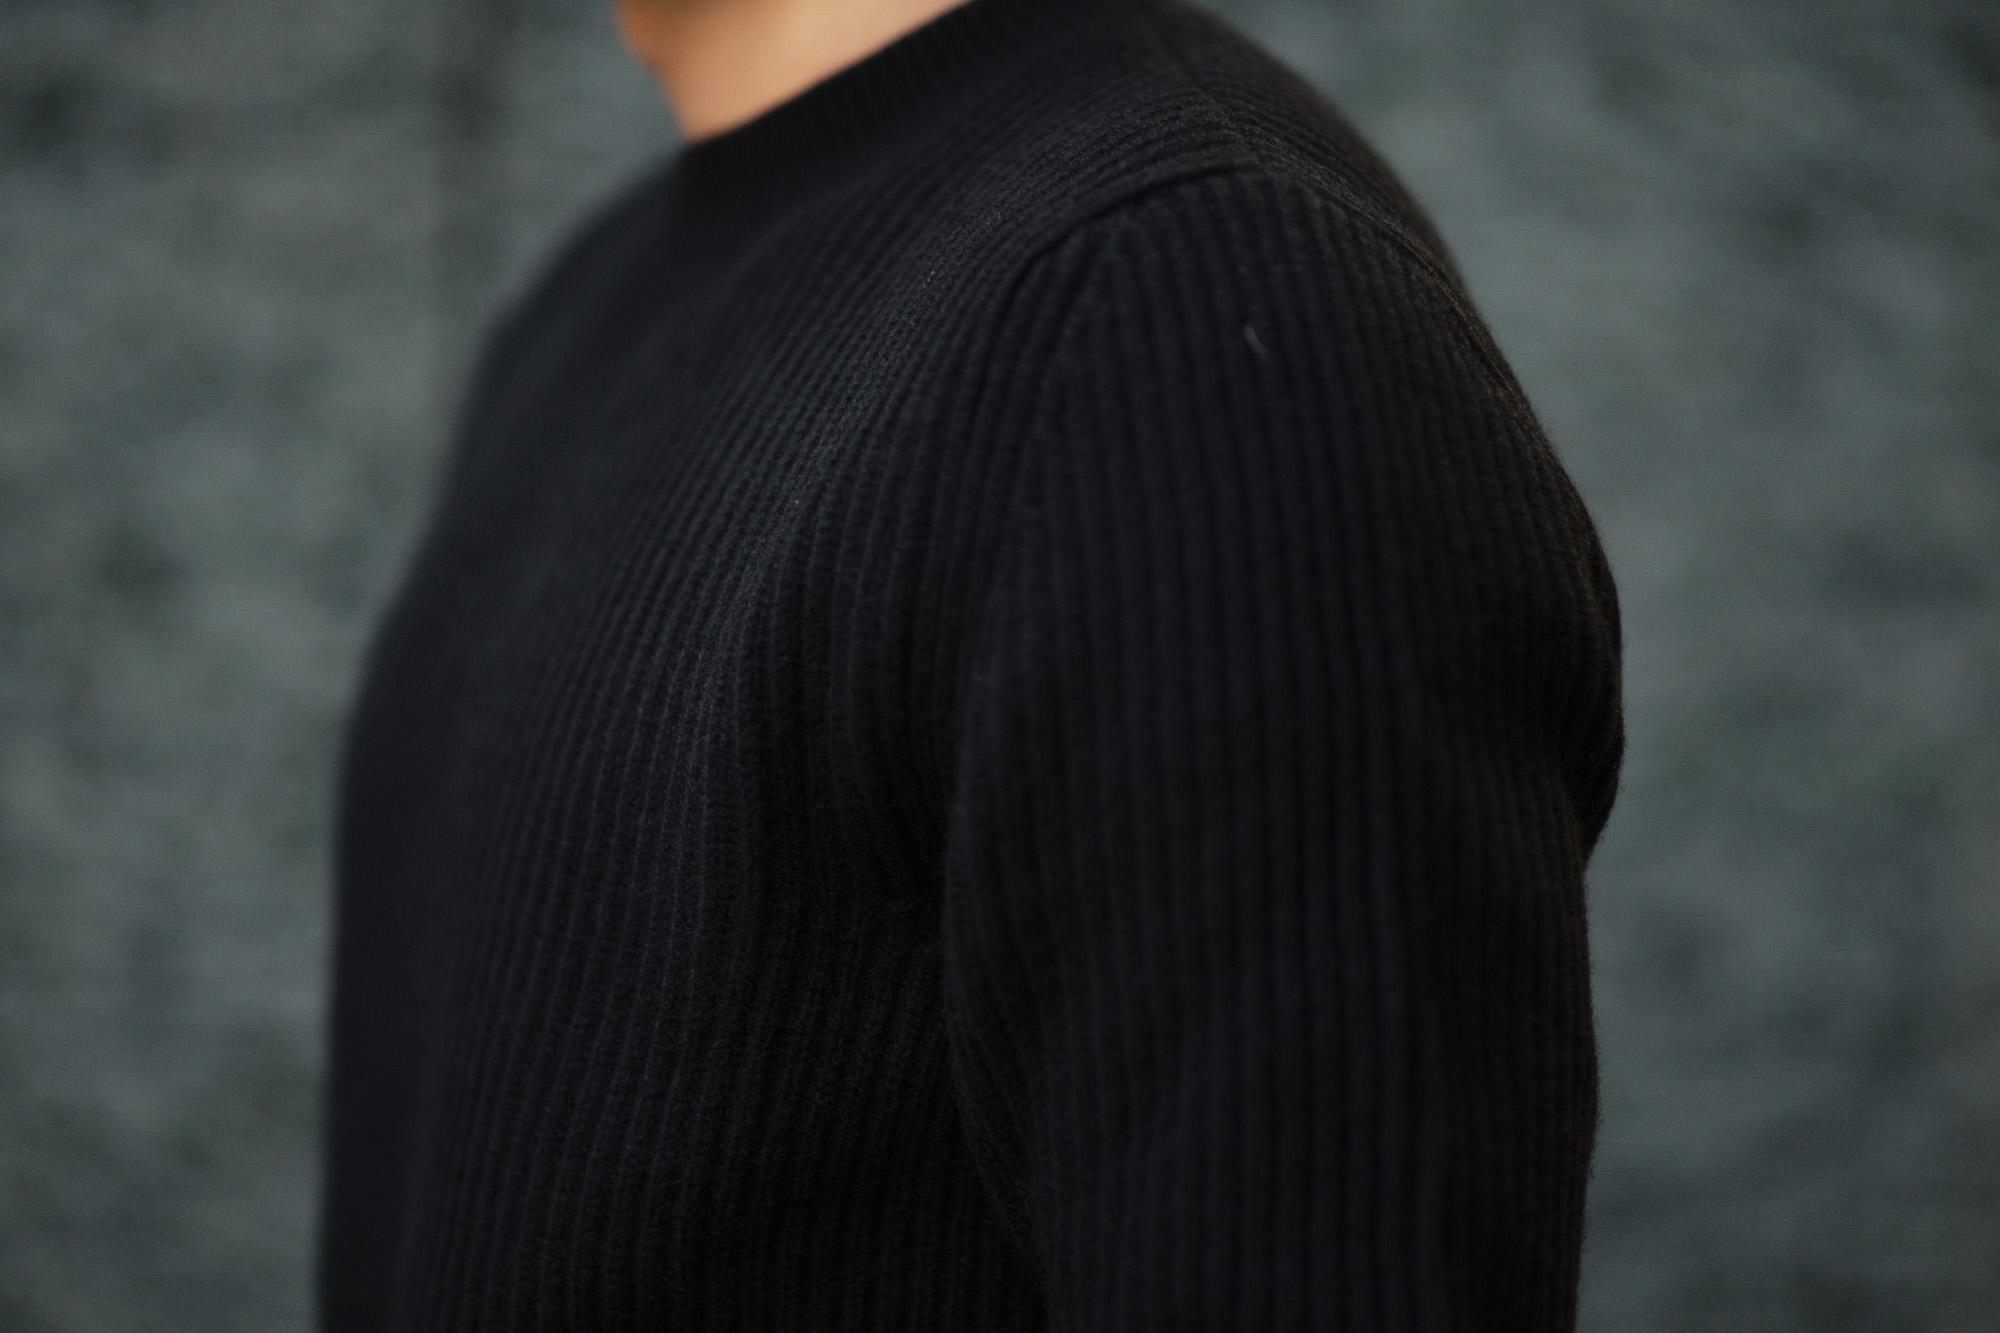 LAMBERTO LOSANI (ランベルト ロザーニ) Cashmere Crew Neck Sweater (カシミア クルーネック セーター) ローゲージ カシミアニット セーター BLACK (ブラック・0901) made in italy (イタリア製) 2019 秋冬新作 lambertolosani ランベルトロザーニ 愛知 名古屋 altoediritto アルトエデリット